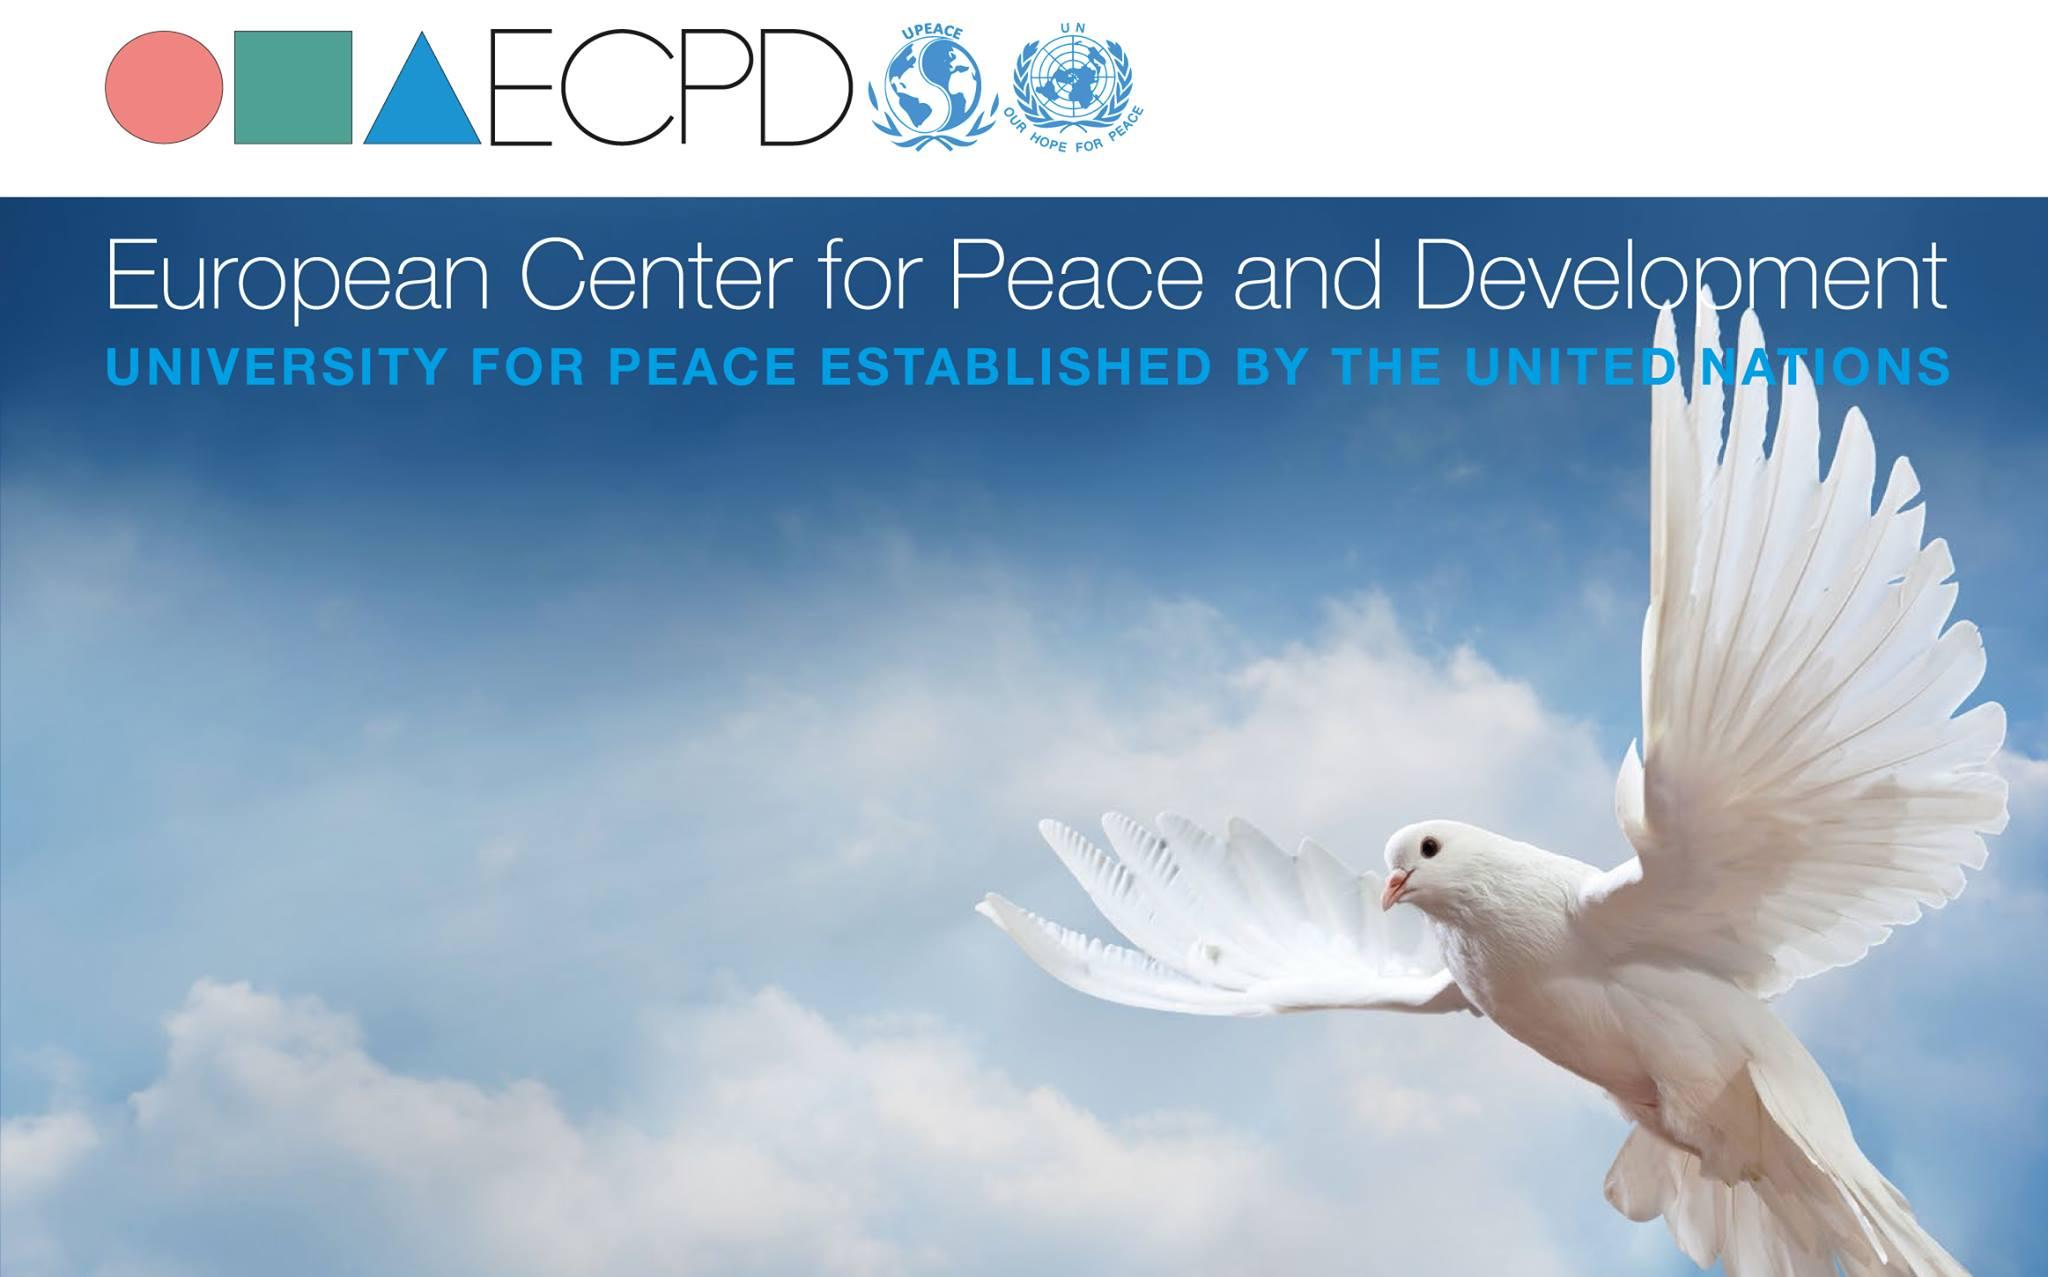 المركز الأوروبي للسلام والتنمية يناقش فى بلجراد أجندة الأمم المتحدة 2030 بمشاركة دولية واسعة